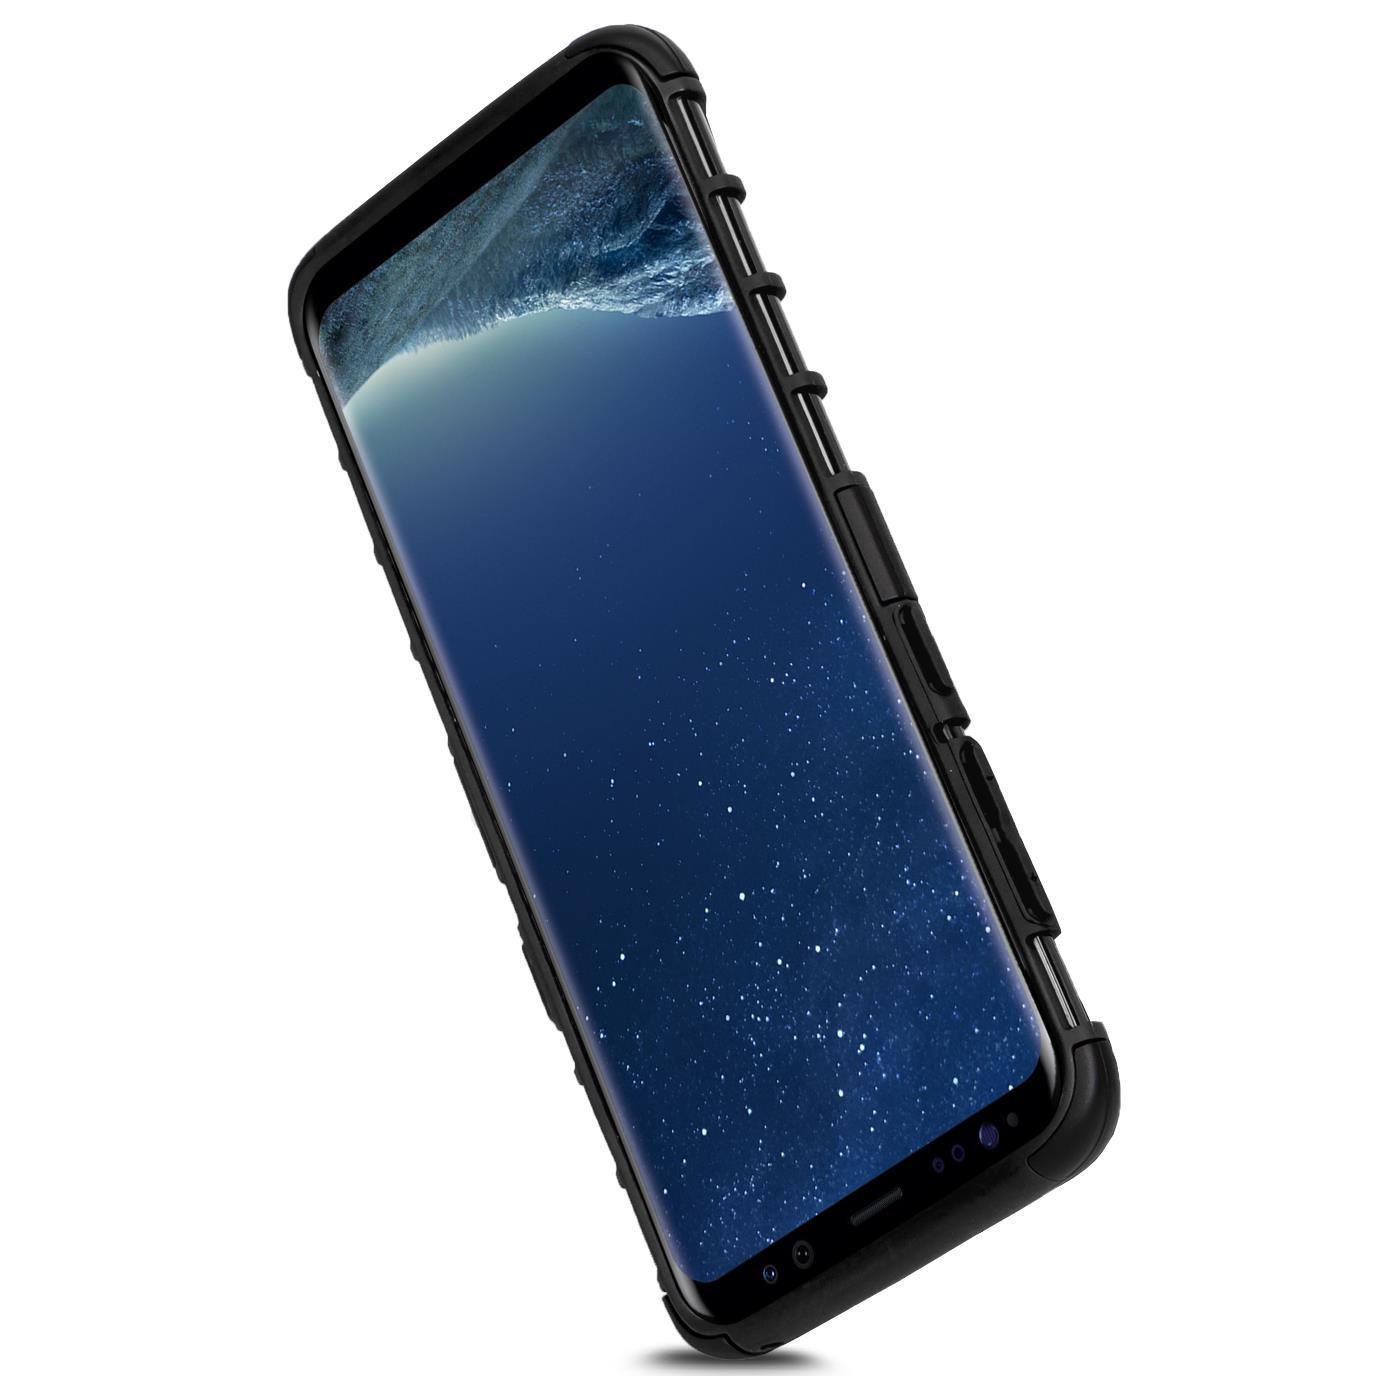 Samsung-Huelle-Hybrid-Panzer-Schutzhuelle-Handy-Schutz-Case-Ruestung-Cover-Tasche Indexbild 7